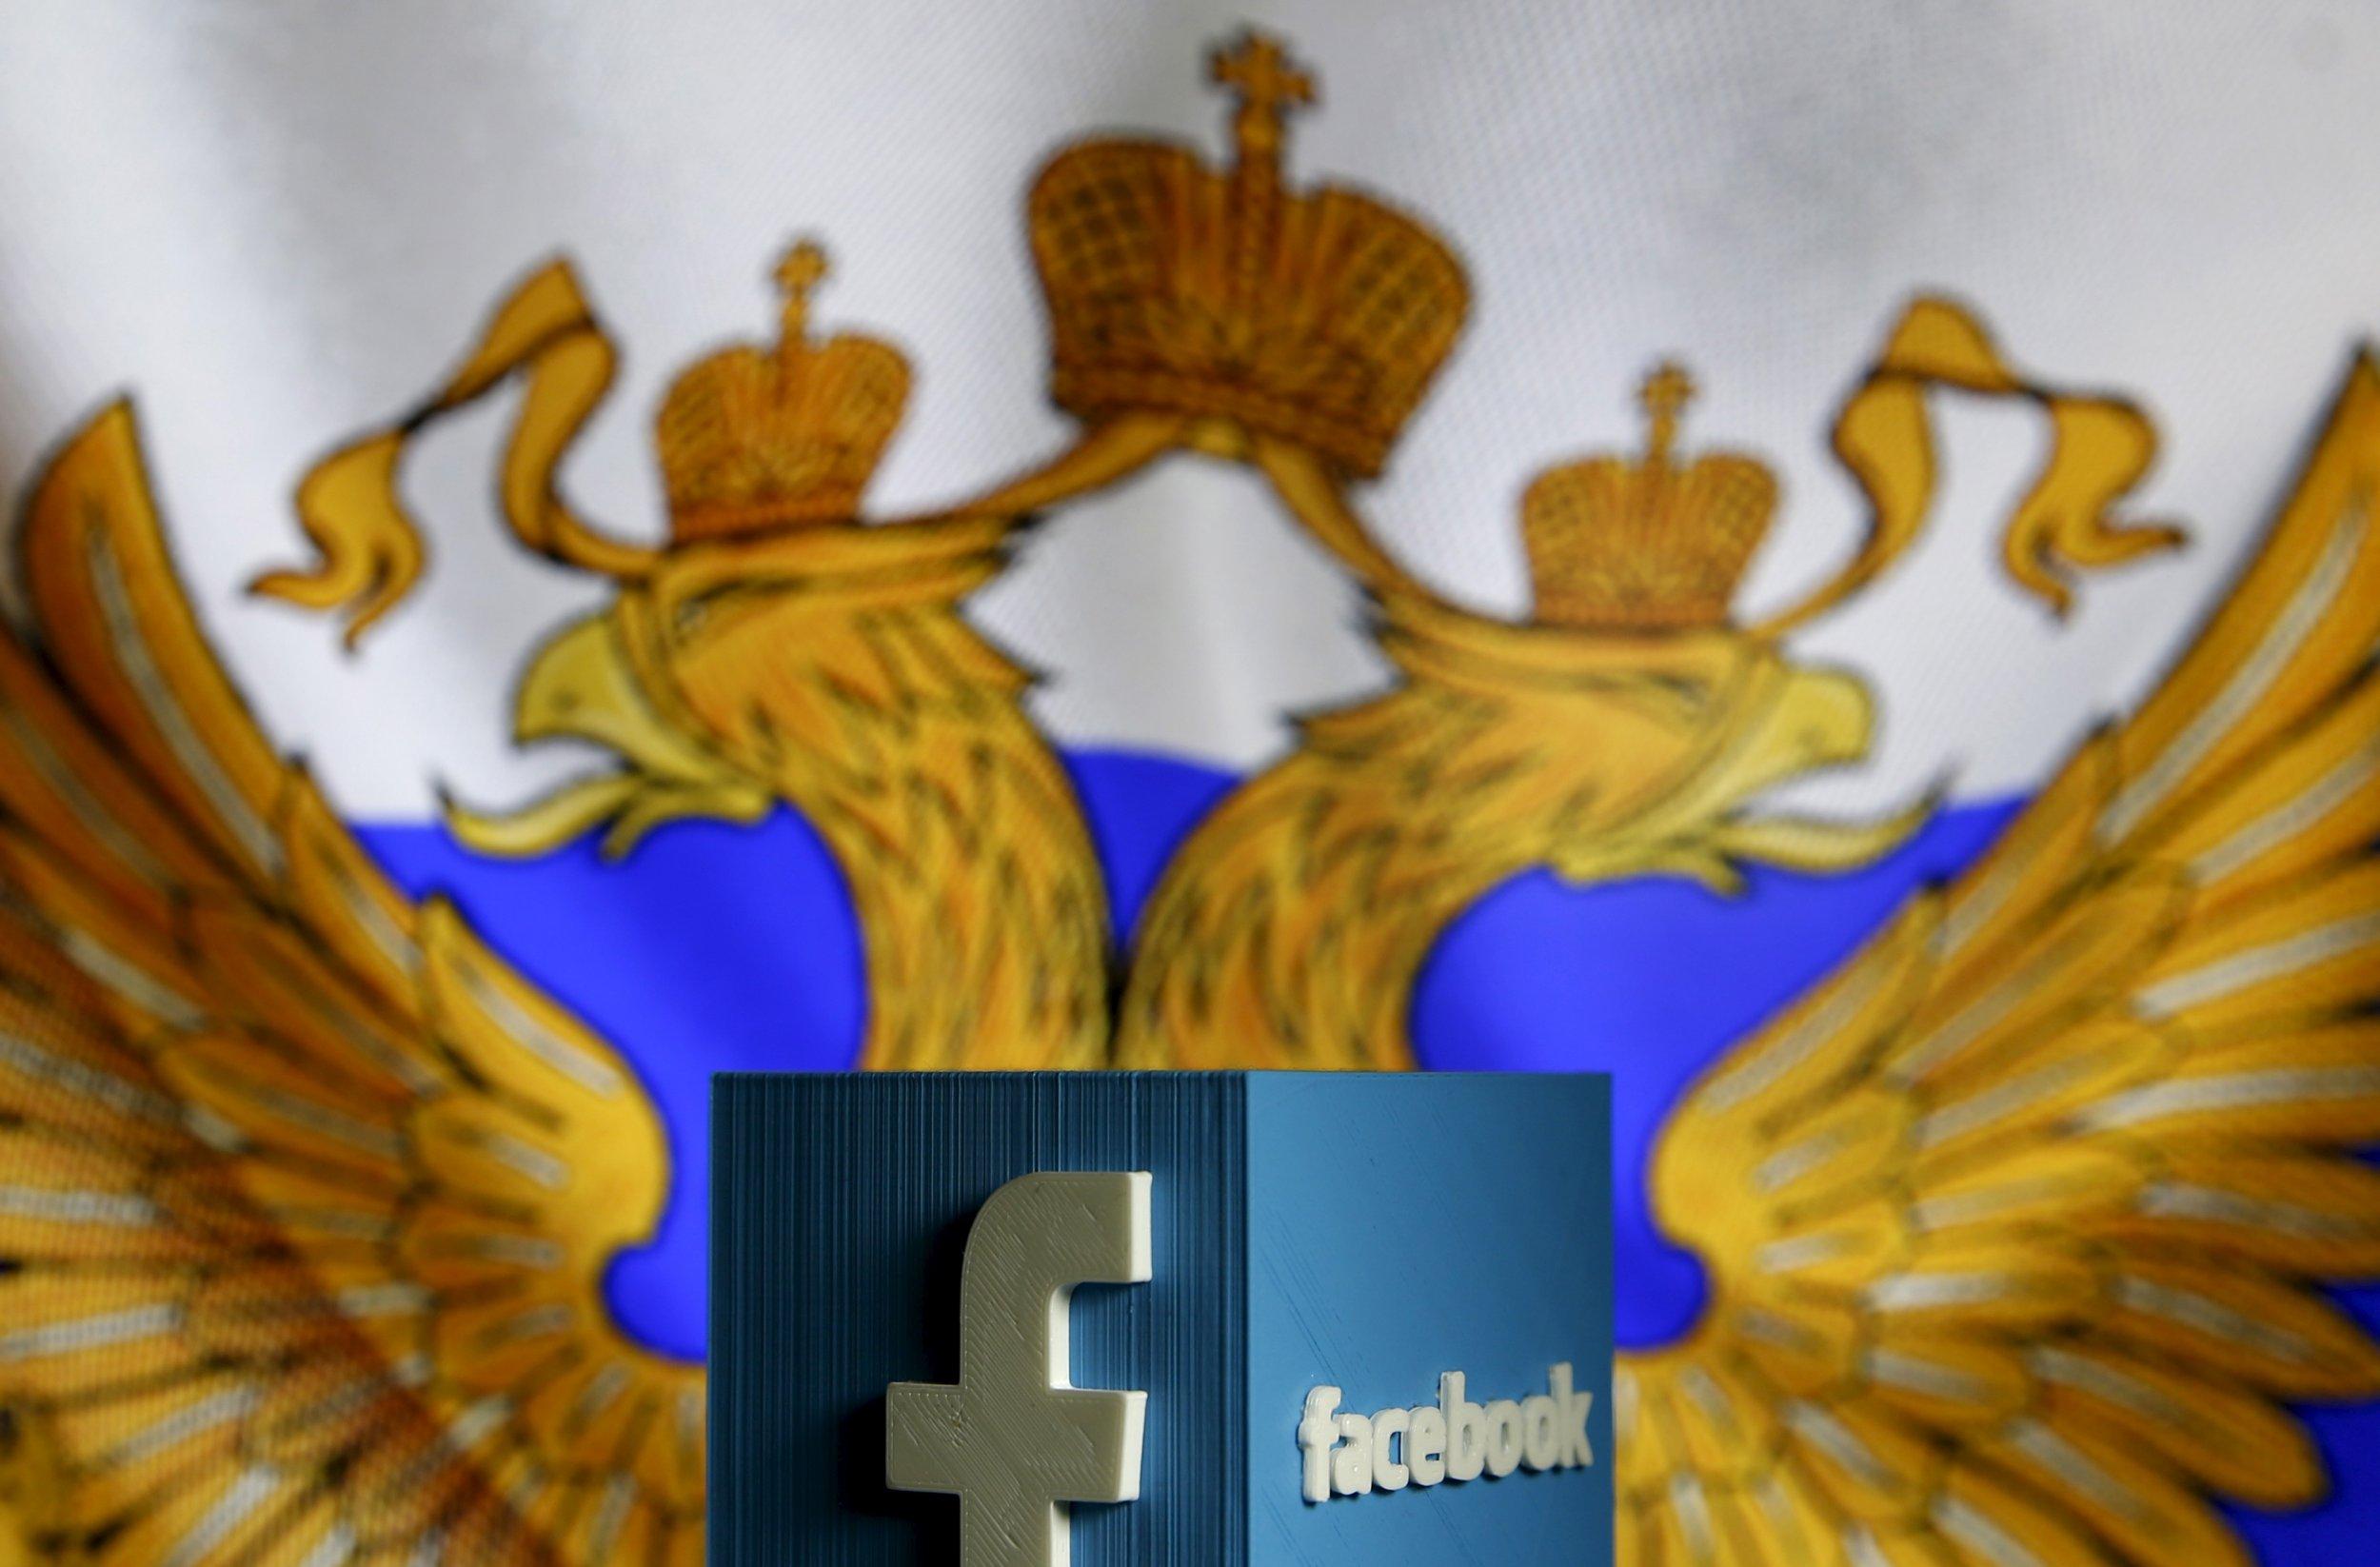 09_26_Russia_Facebook